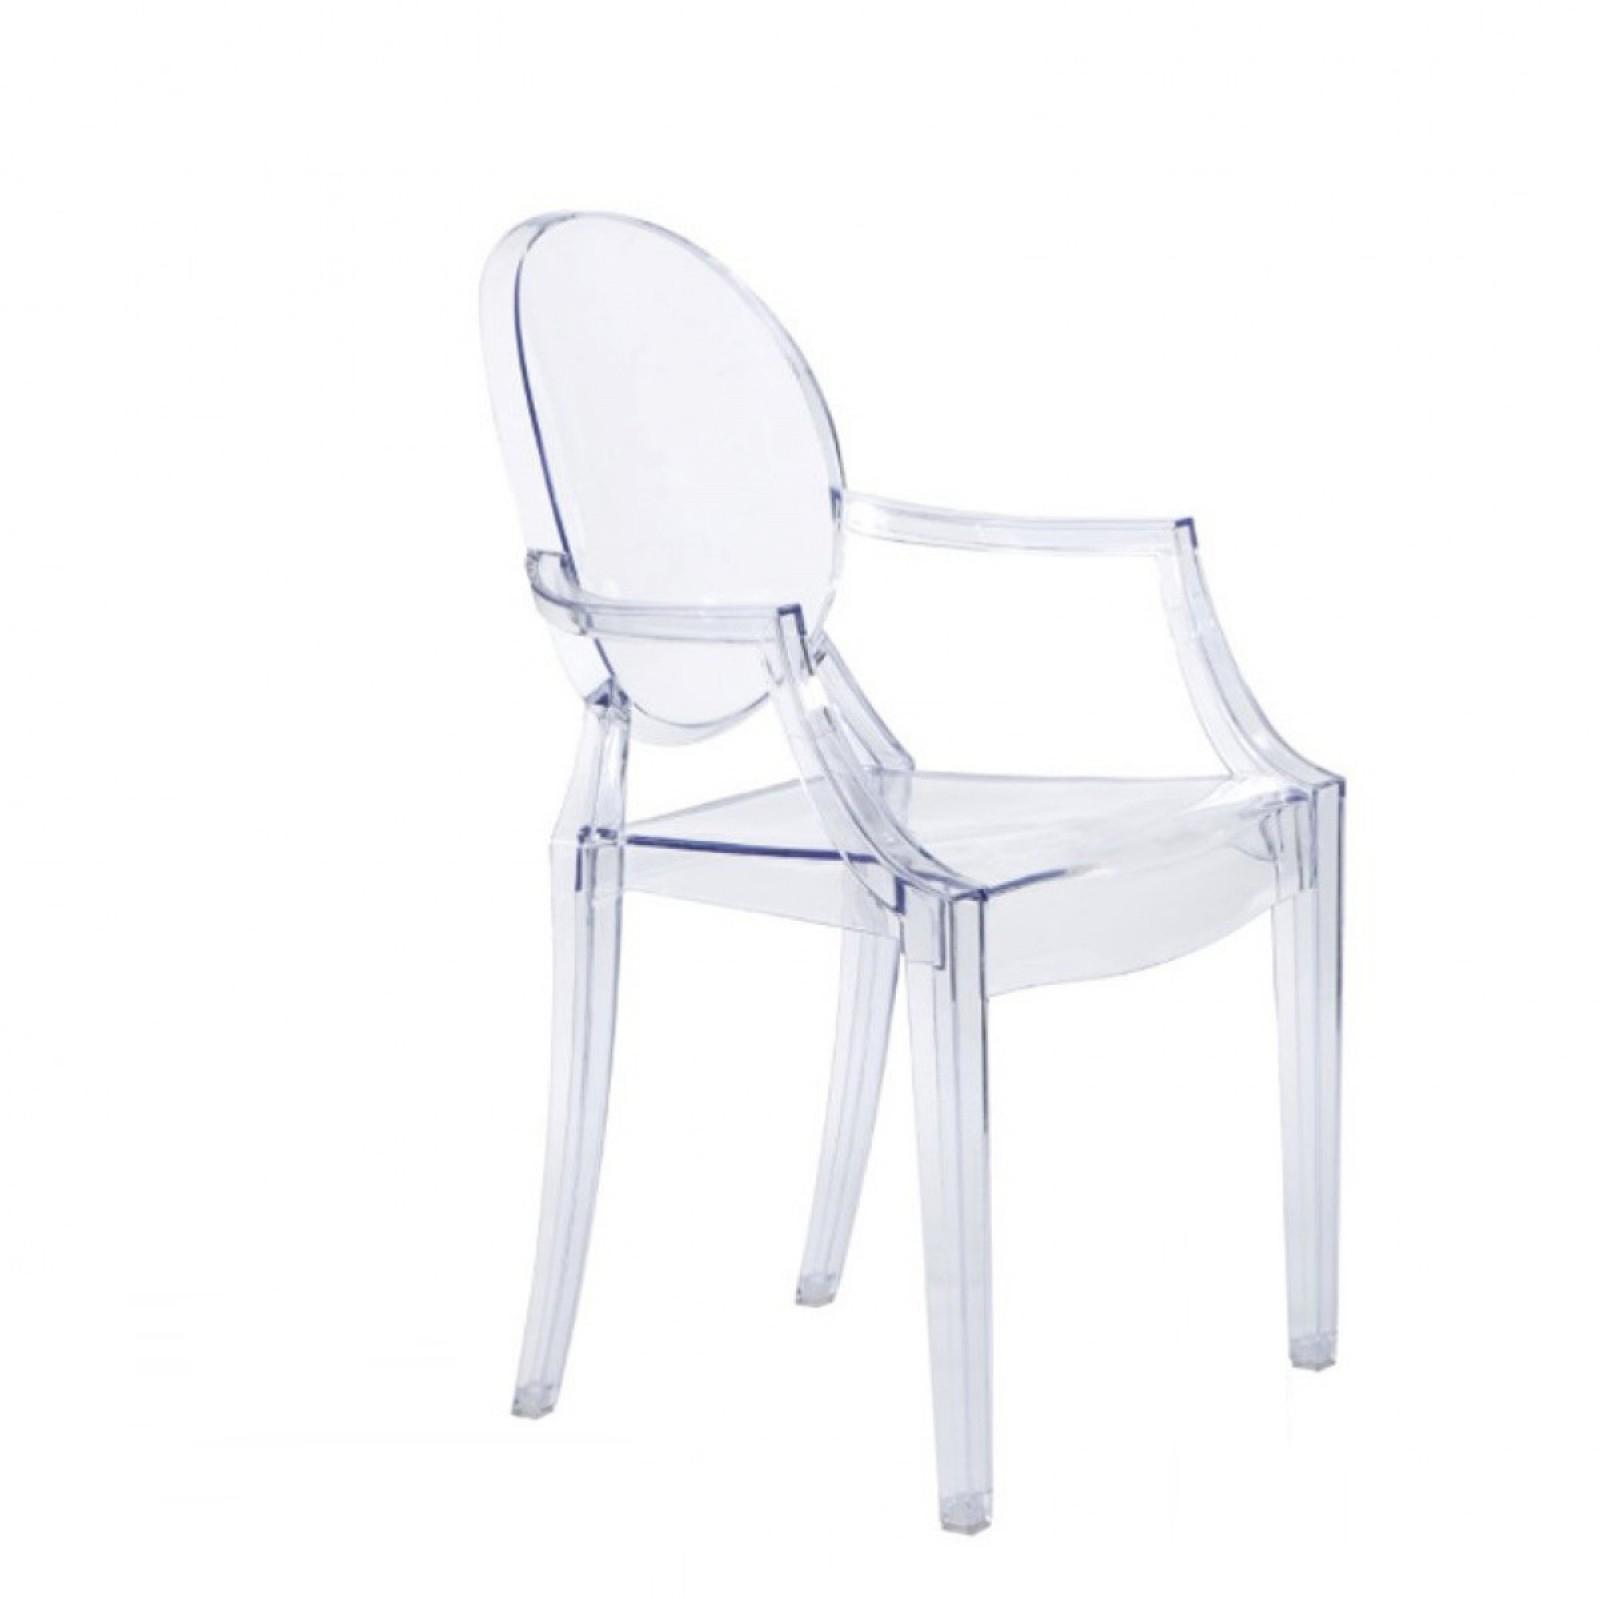 átlátszó szék, egyedi étkezőszék, szék, étkező